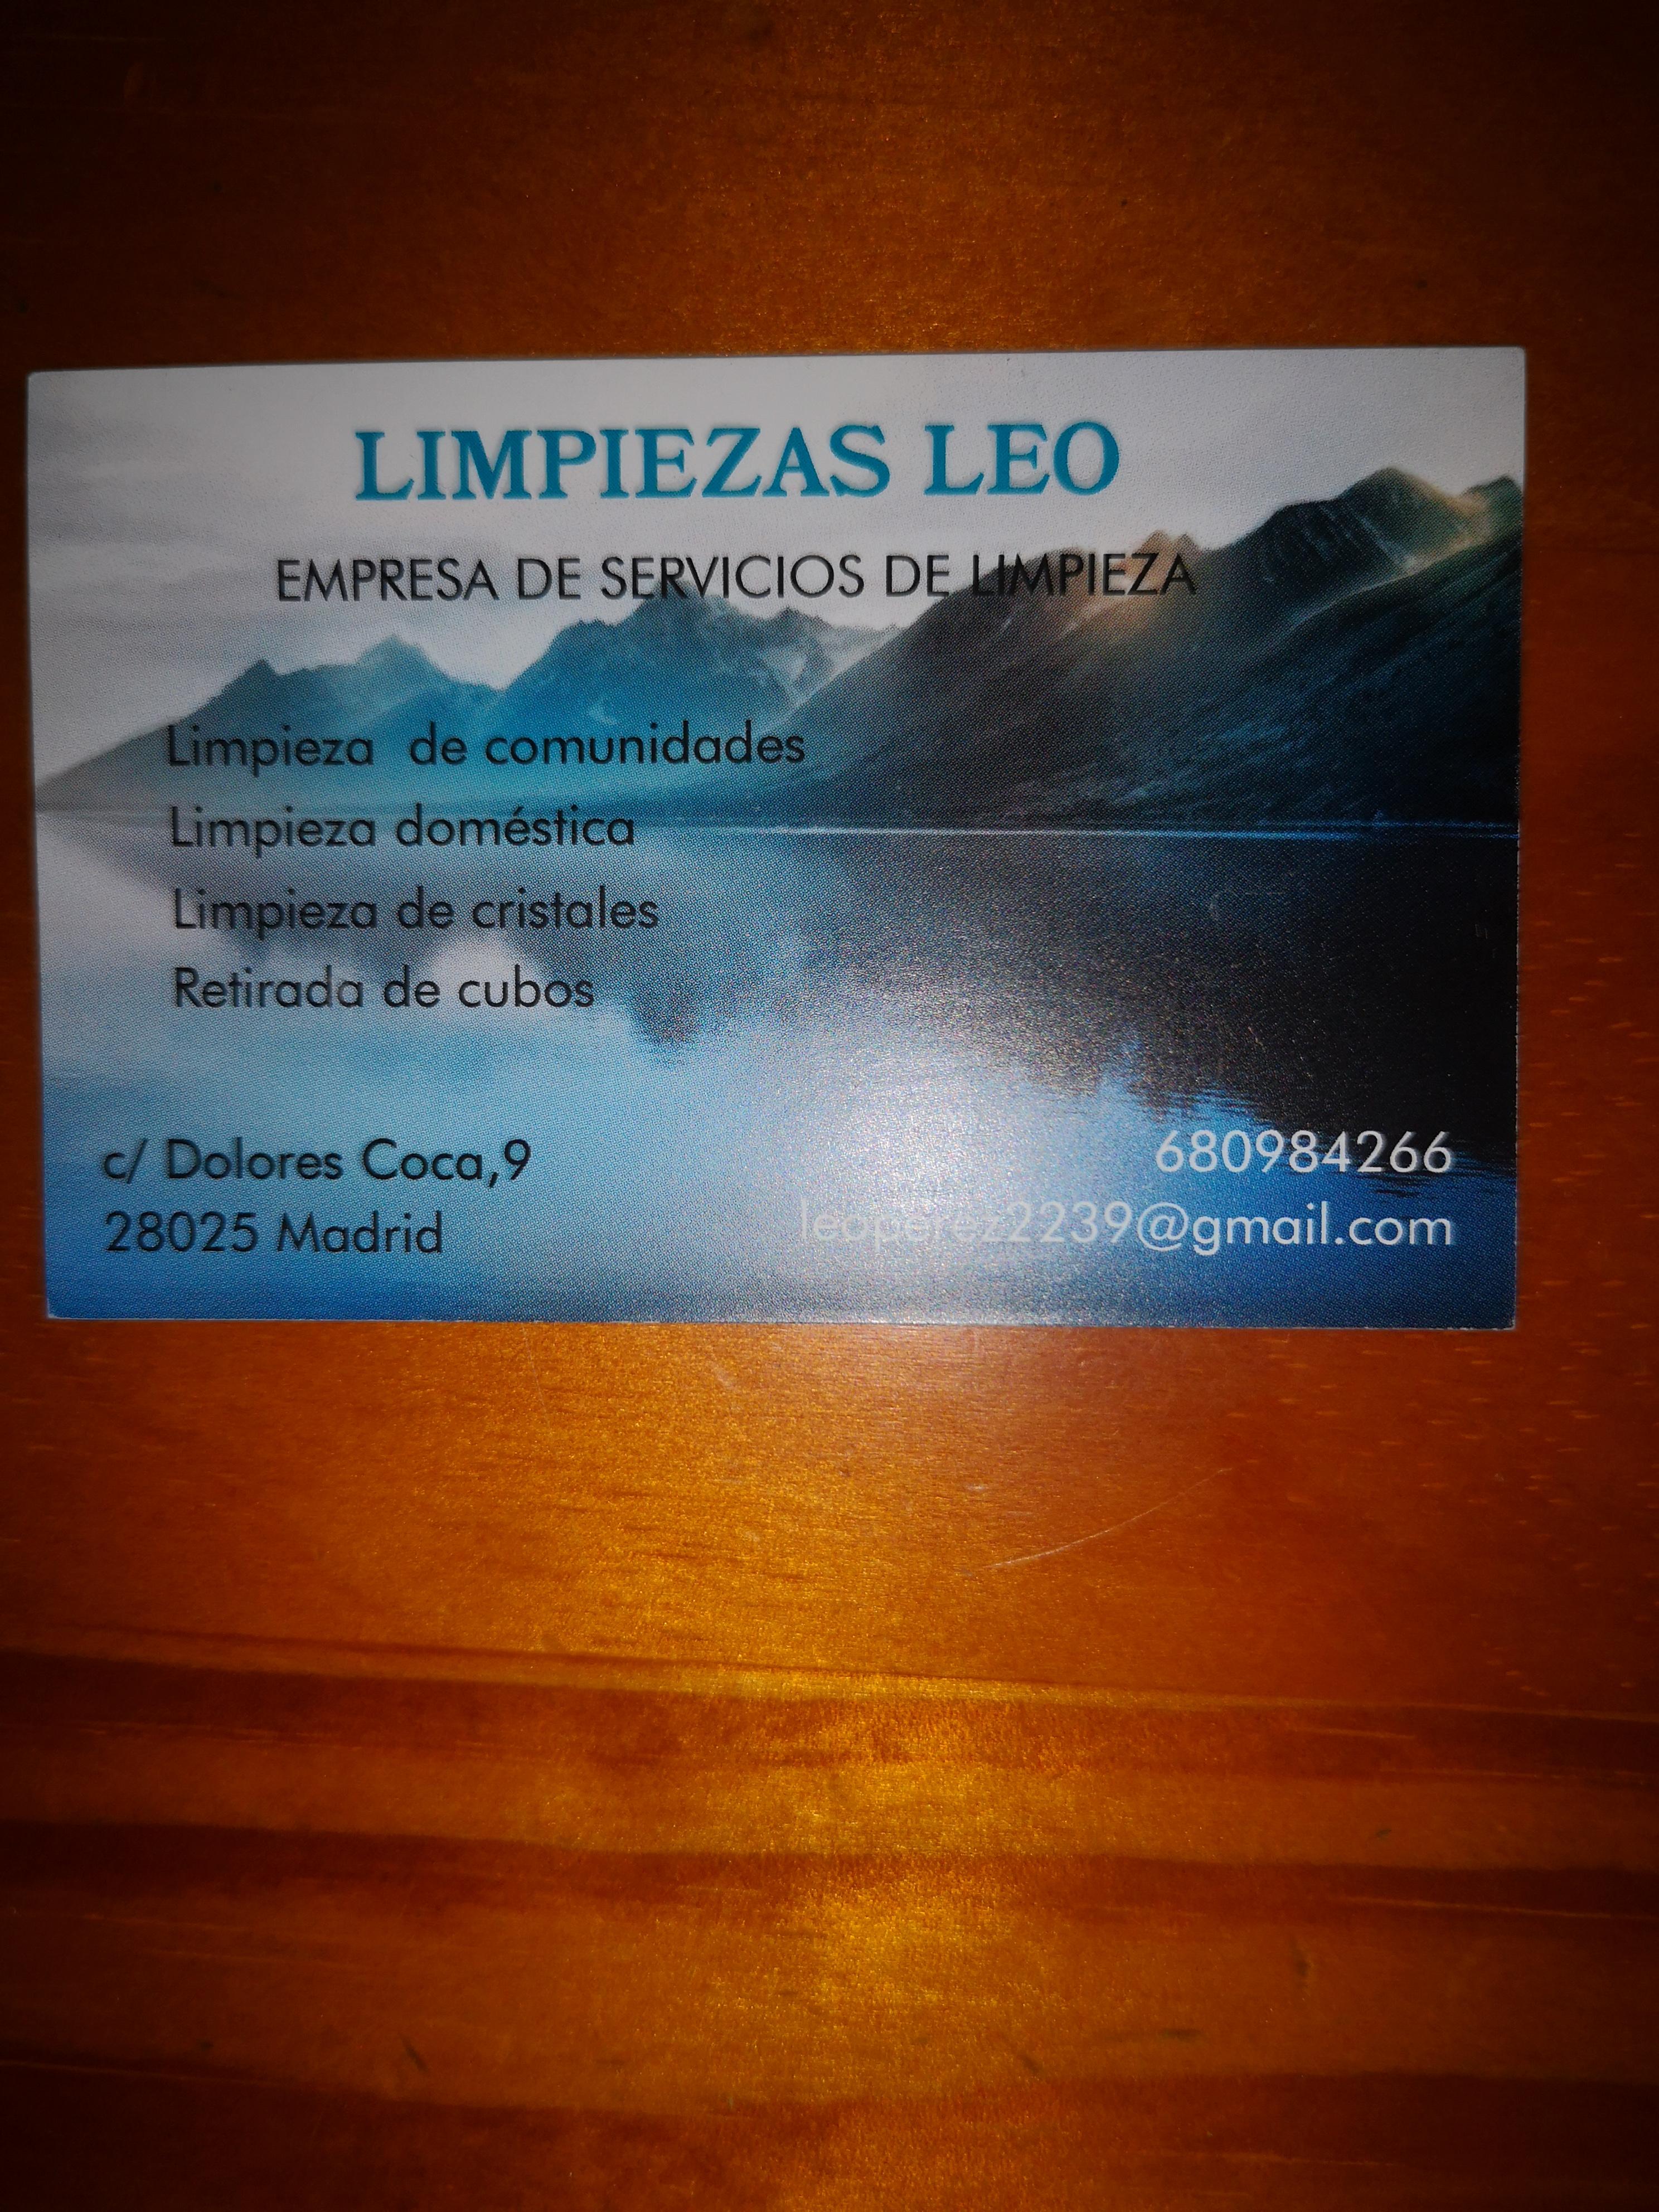 Limpieza Leo